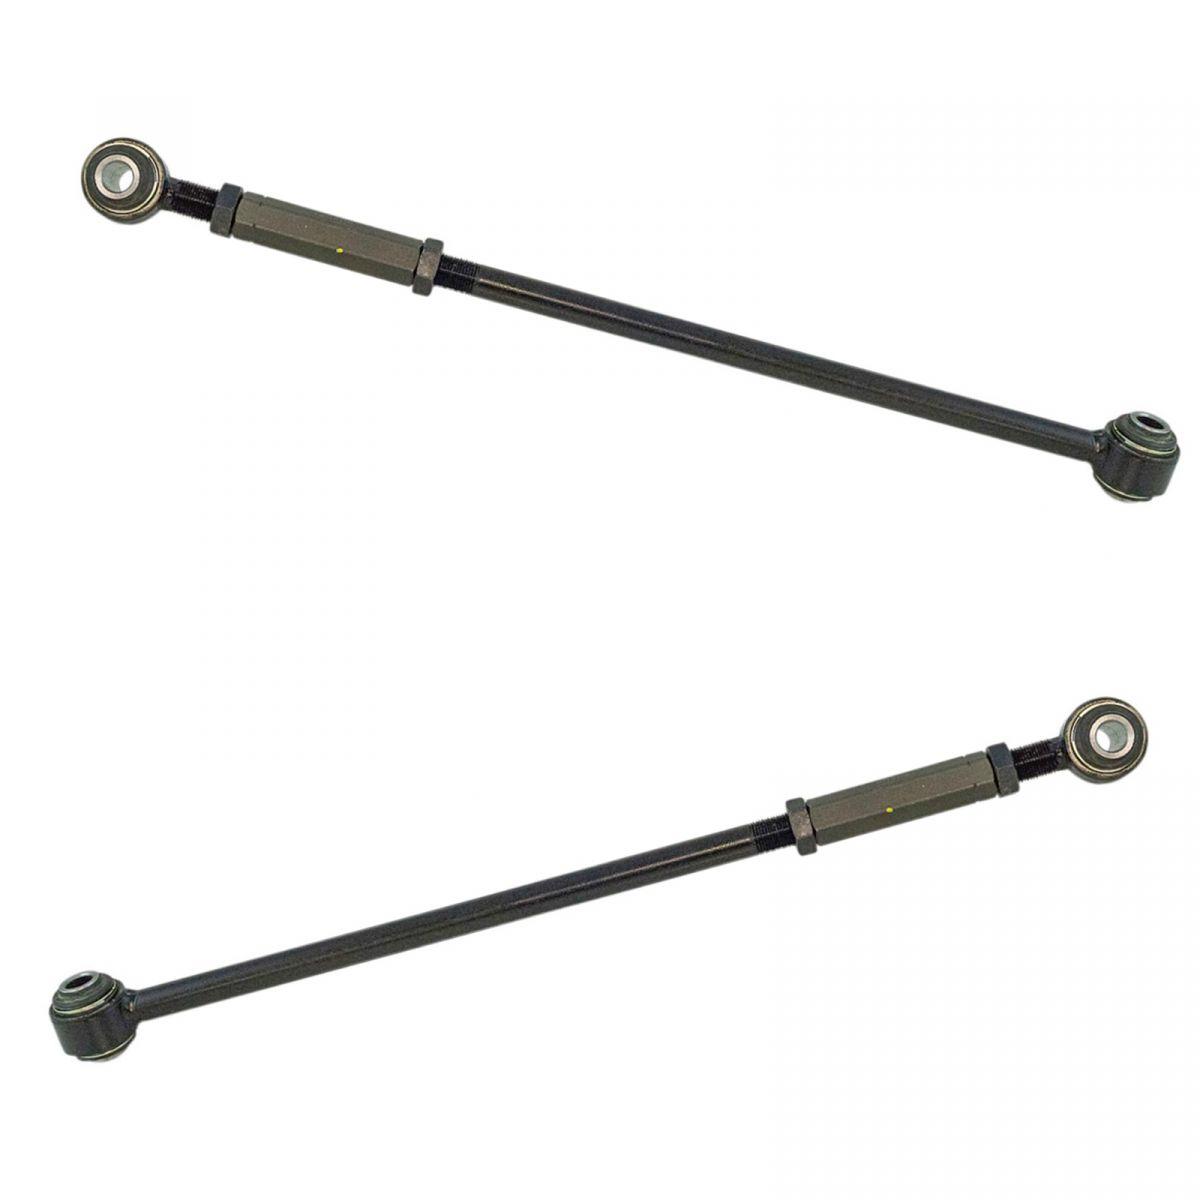 Moog Rear Lower Rearward Control Arm Lr Amp Rr Set Of 2 Pair